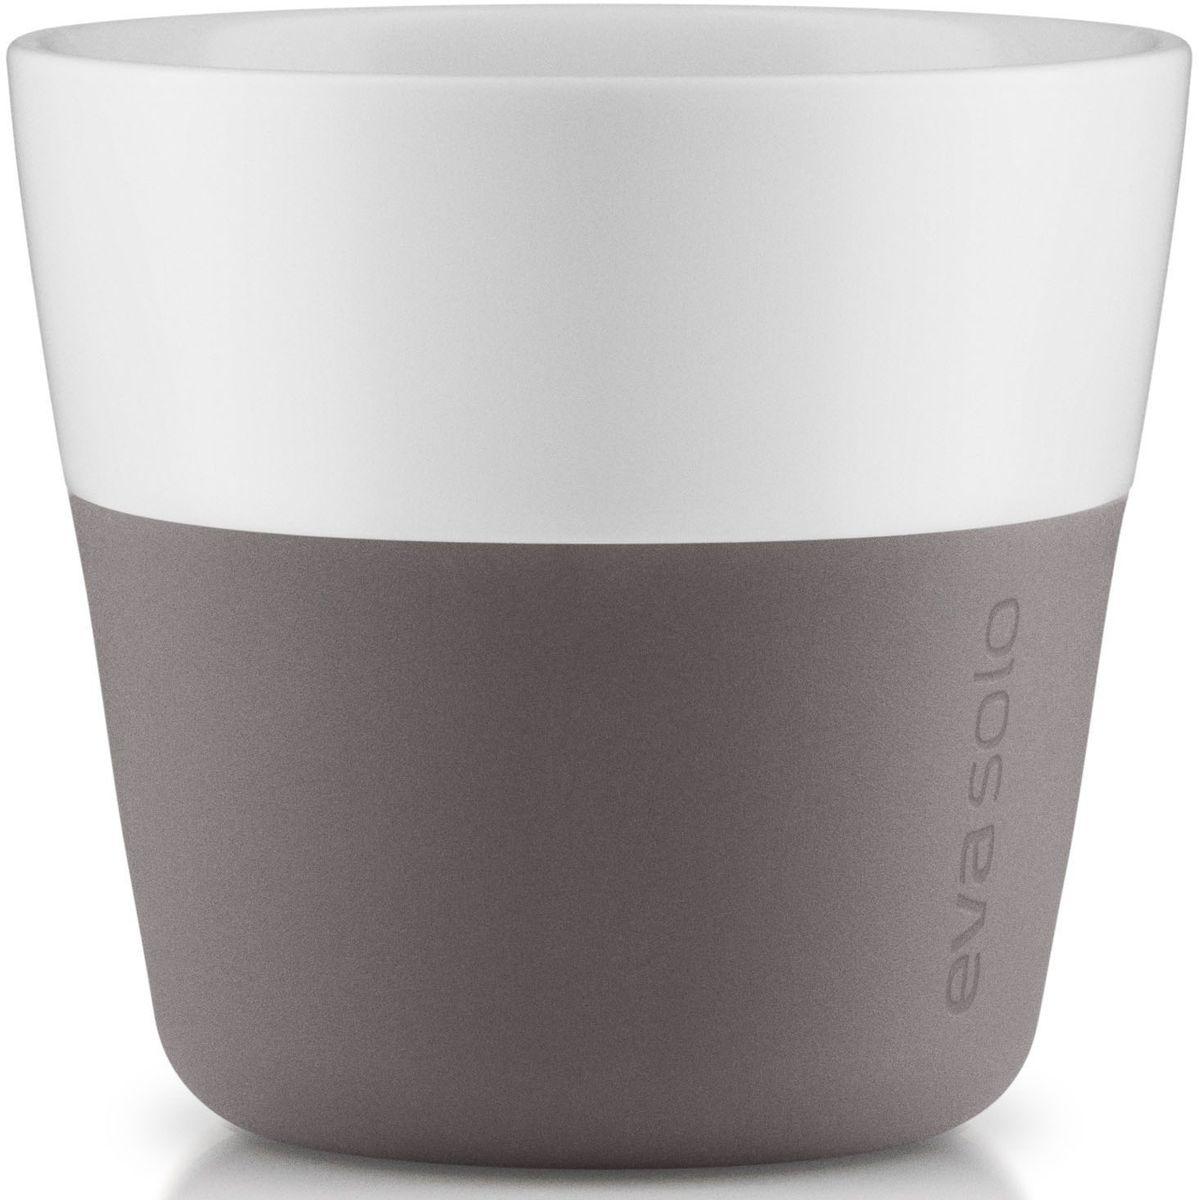 Чашки для лунго Eva Solo, цвет: серый, белый, 230 мл, 2 шт501021Чашка для кофе лунго от Eva Solo рассчитана на 230 мл - оптимальный объем, а также стандартный объем для этого типа напитка у большинства кофемашин. Чашка изготовлена из фарфора и располагает специальным силиконовым чехлом: можно держать в руках, не рискуя обжечь пальцы. Чехол снимается, и чашку можно мыть в посудомоечной машине. В набор входят 2 чашки для лунго.